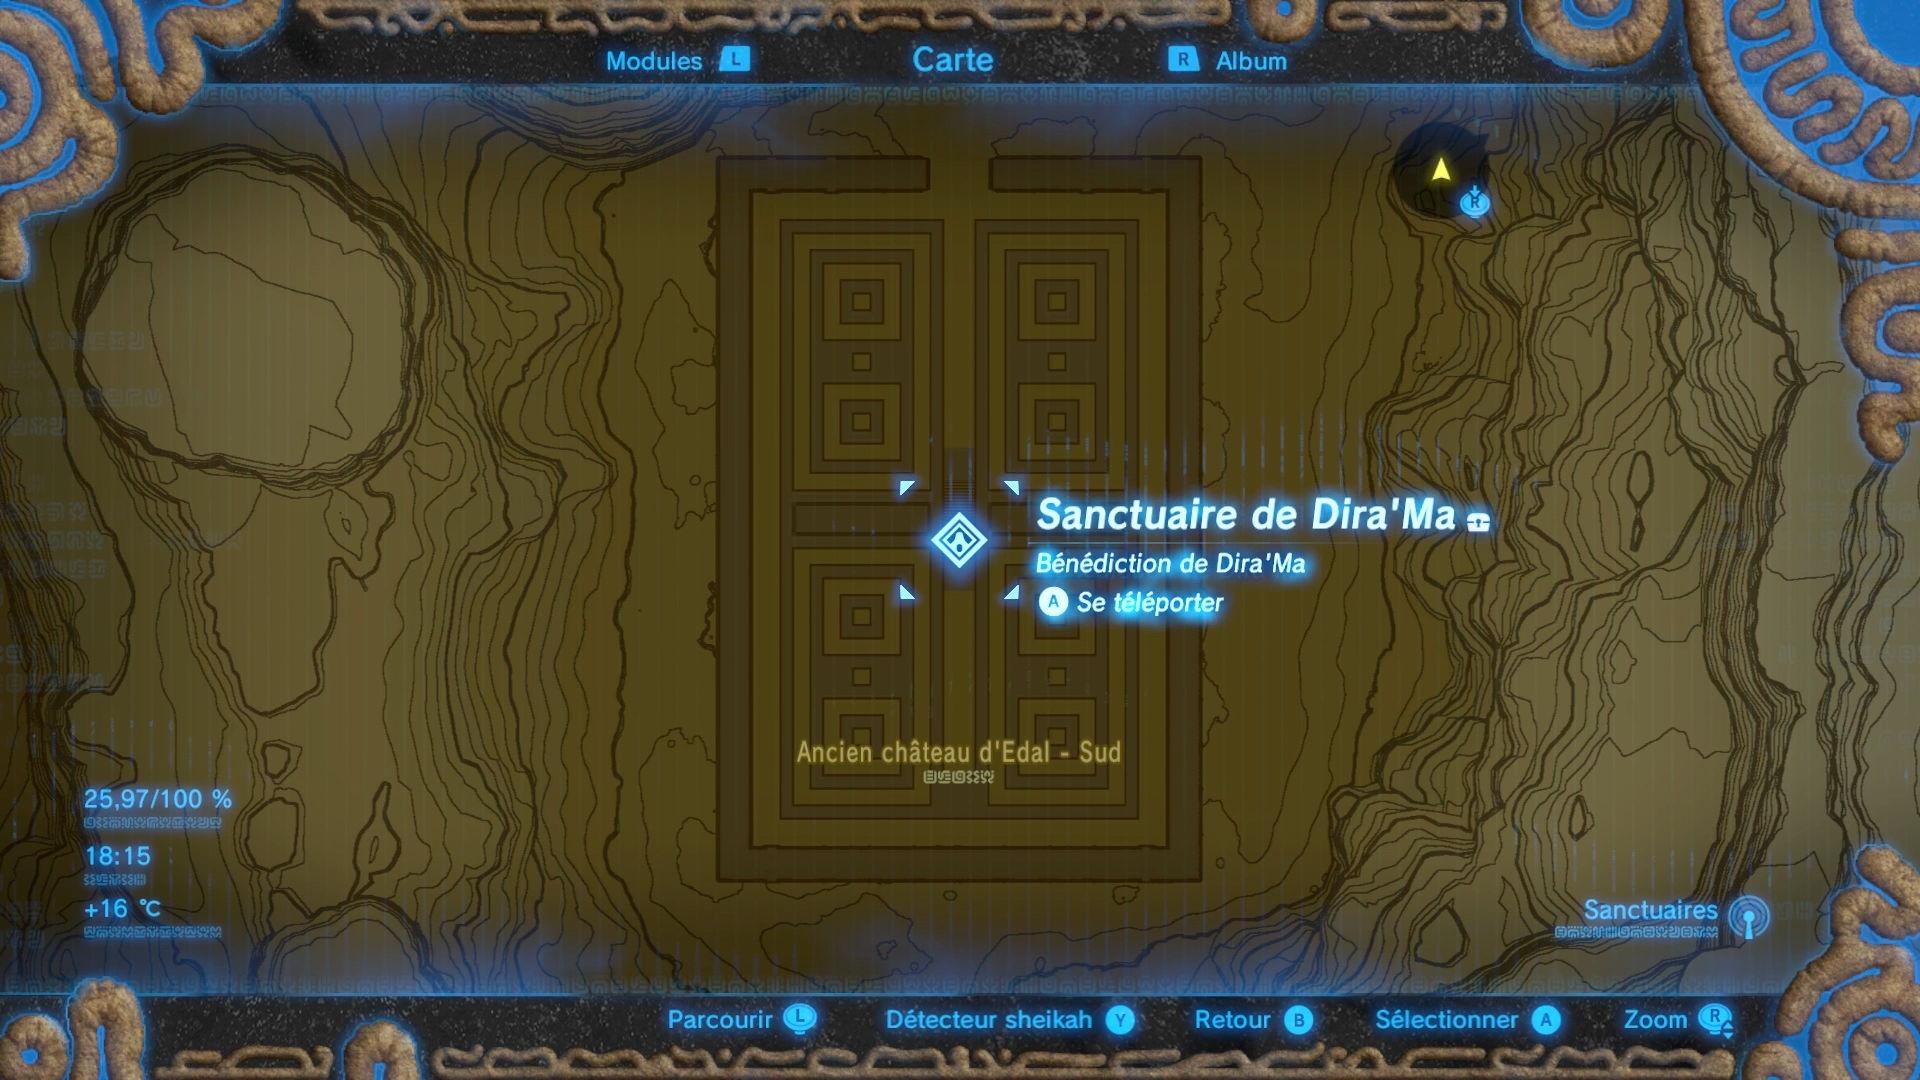 Sanctuaires Les 3 Labyrinthes Millenium